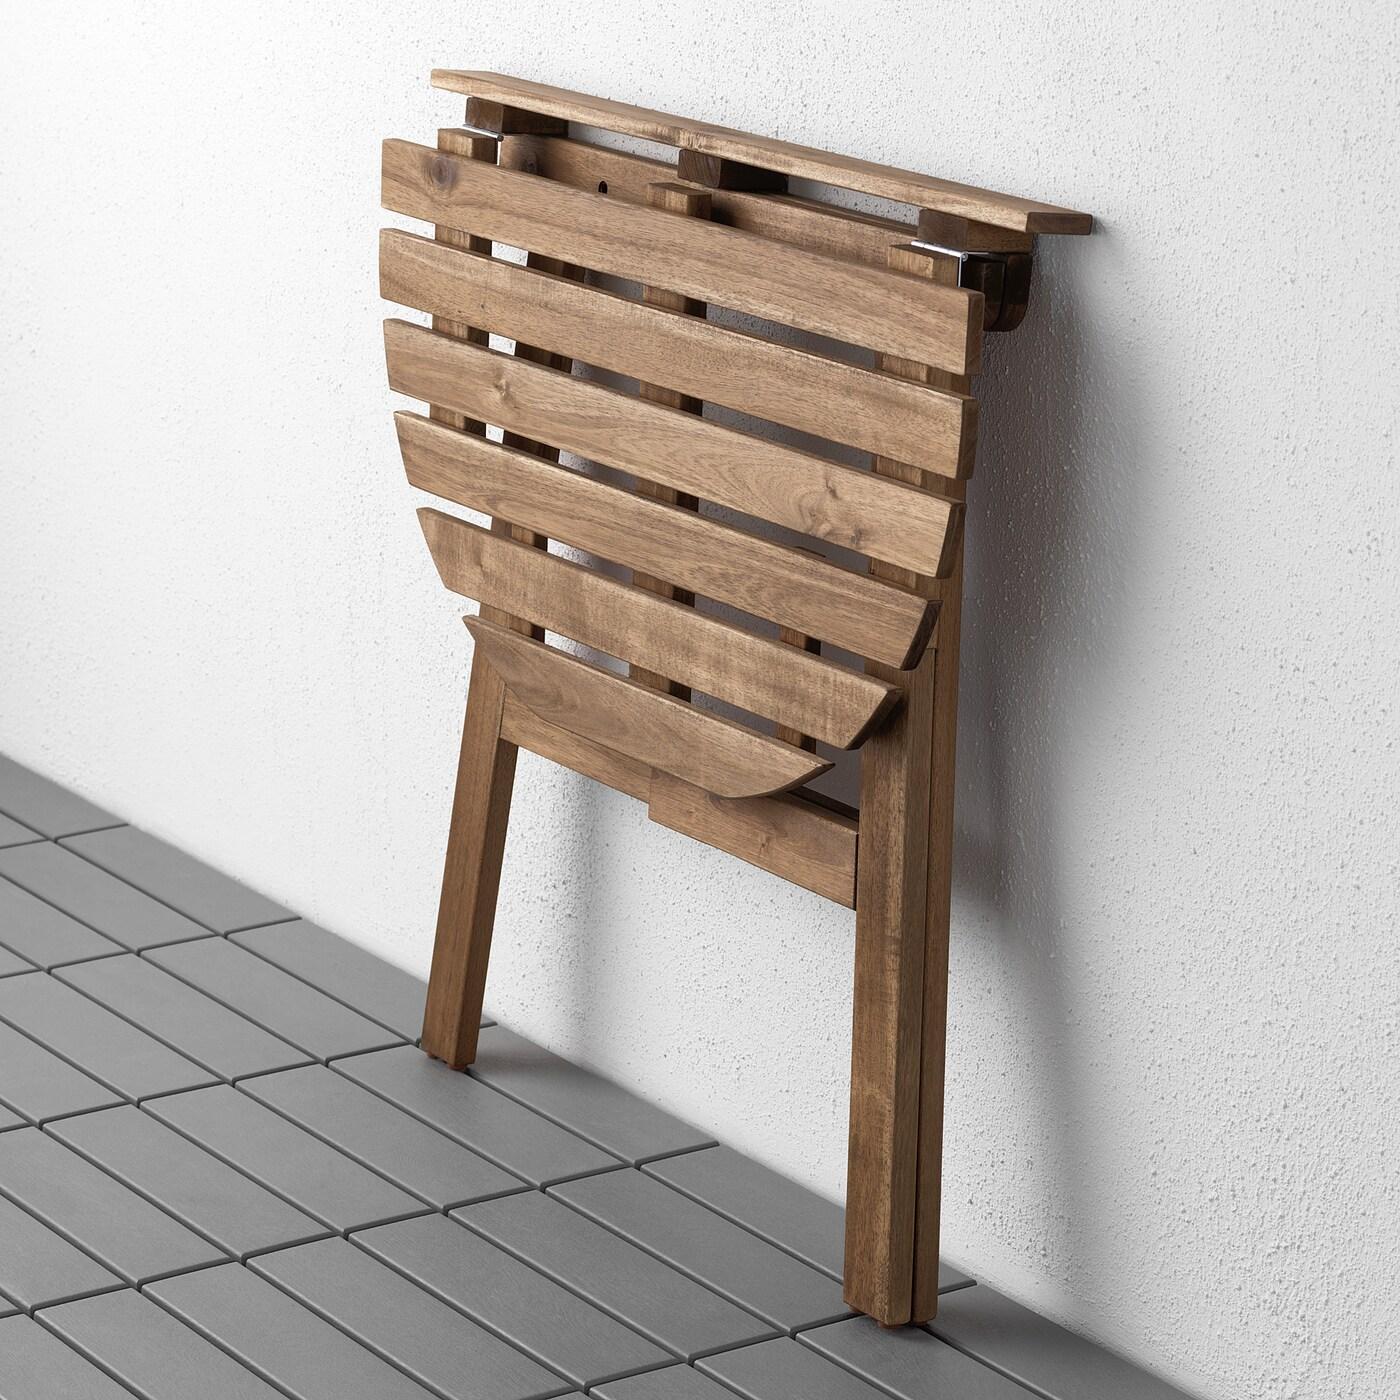 Full Size of Klapptisch Askholmen Wandtisch Auen Klappbar Hellbraun Lasiert Küche Garten Wohnzimmer Wand:ylp2gzuwkdi= Klapptisch